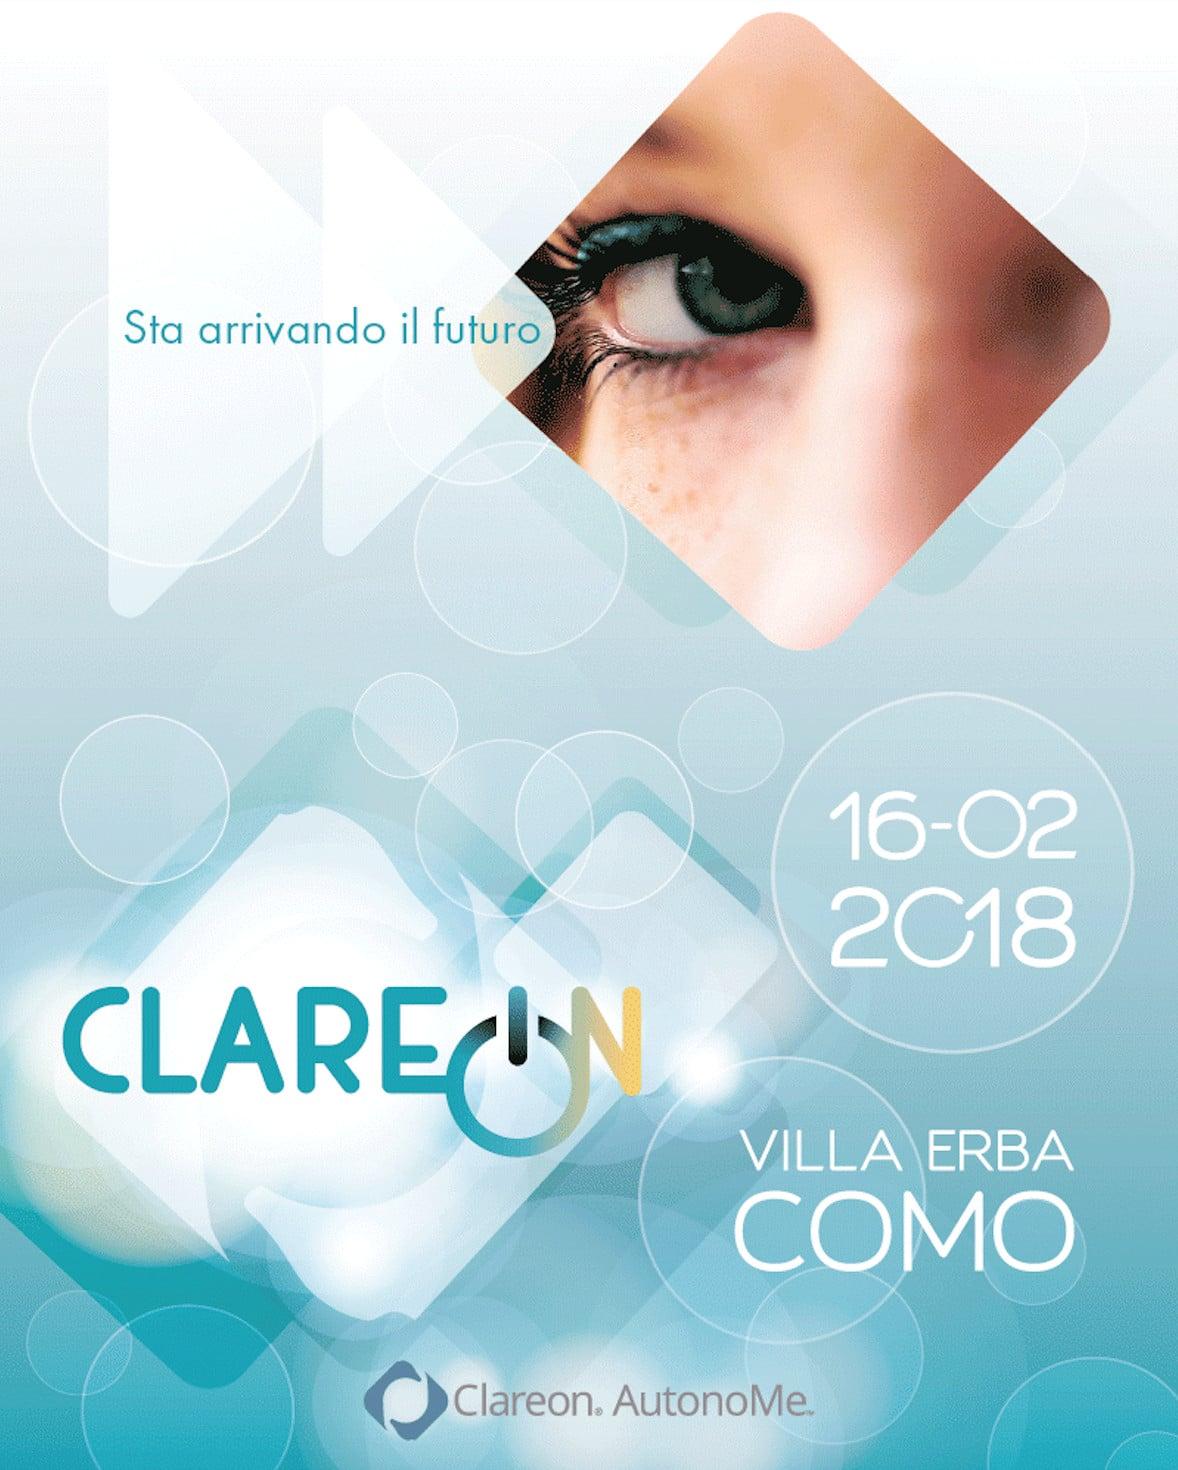 ClareOn lente monofocale